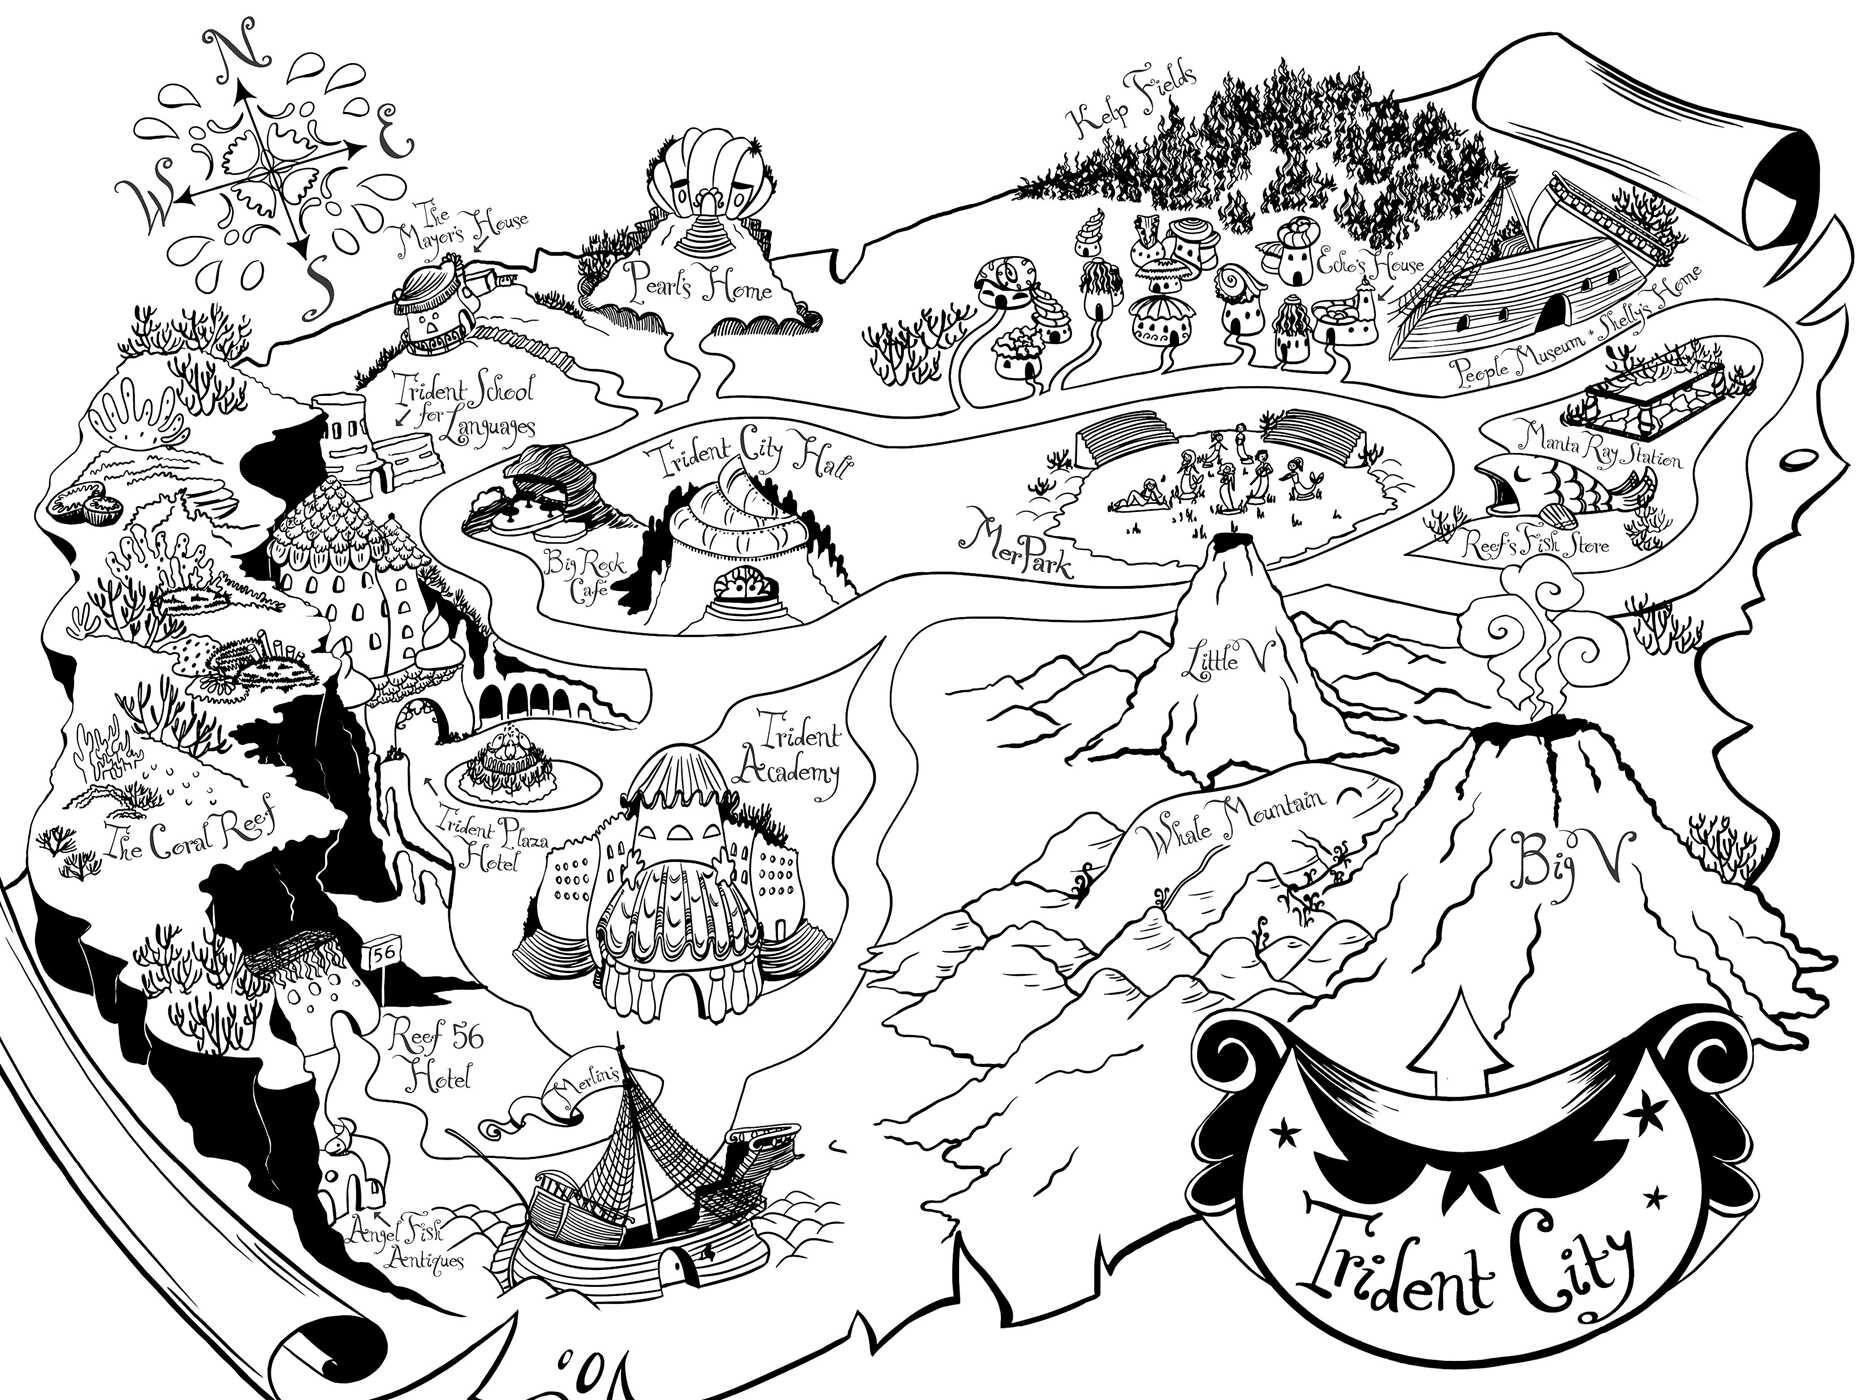 Mermaid tales 3 books in 1 9781481485555.in01